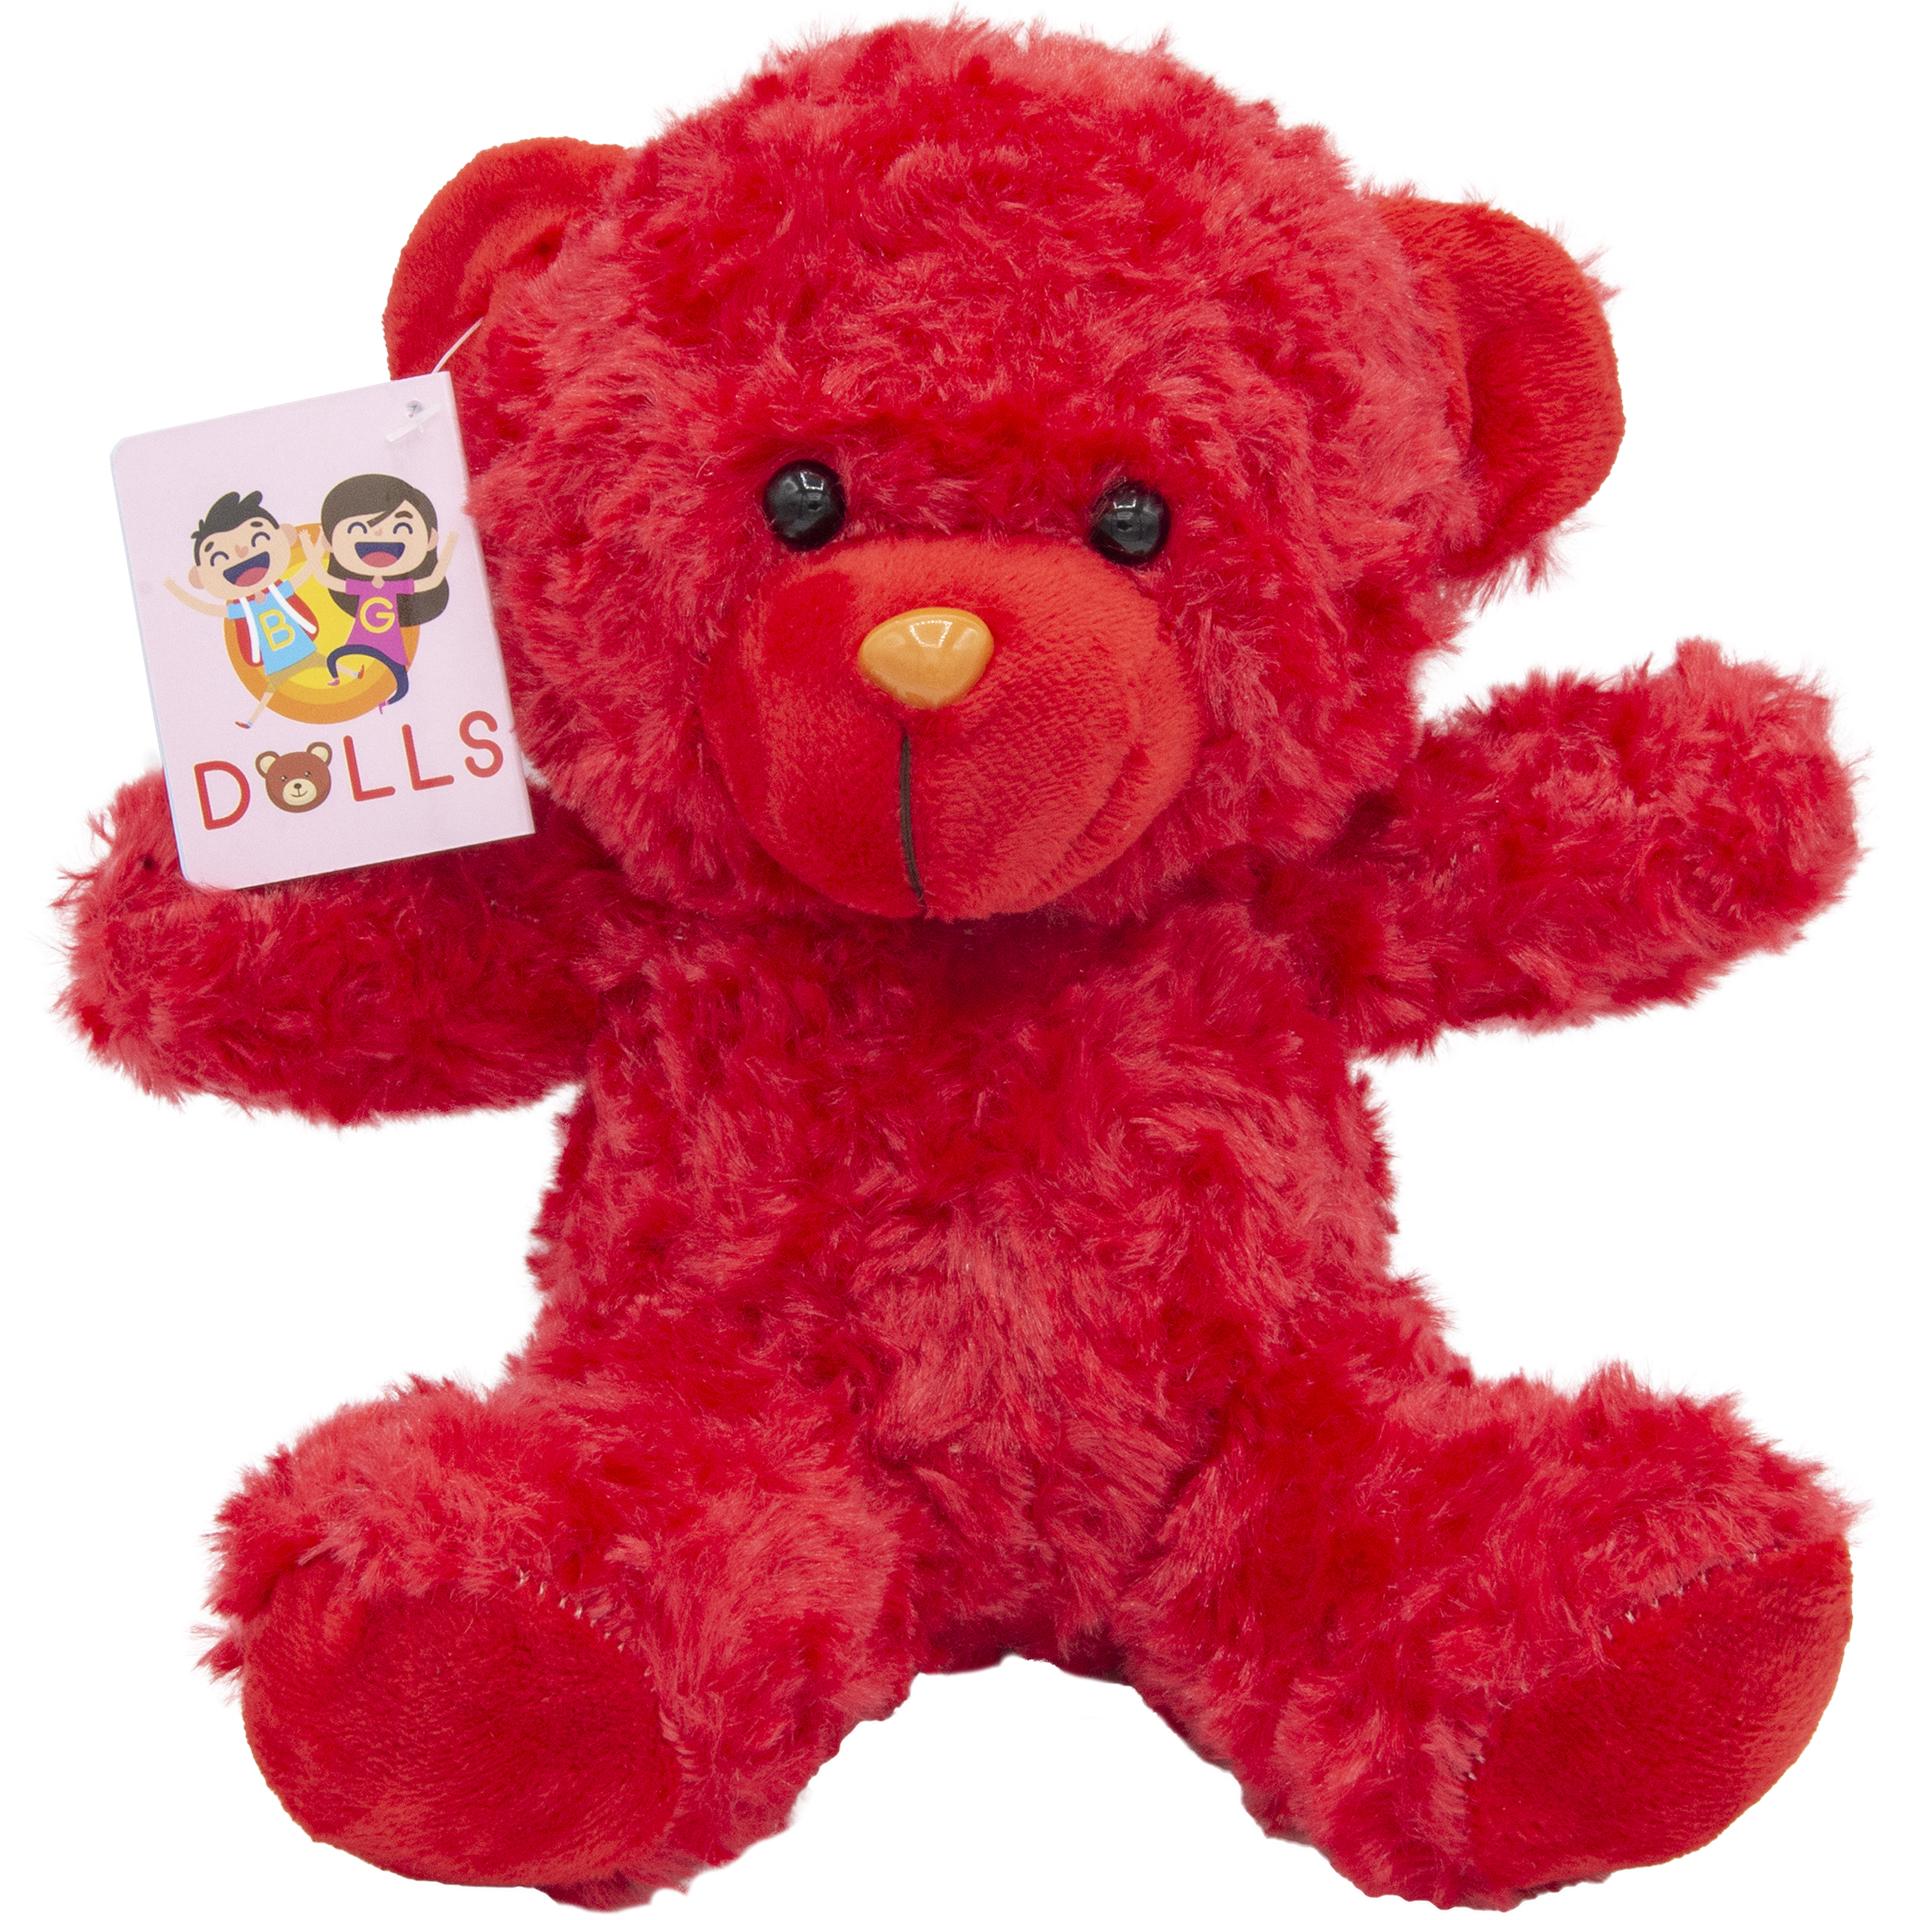 عروسک بی جی دالز طرح خرس فری ارتفاع 20 سانتی متر